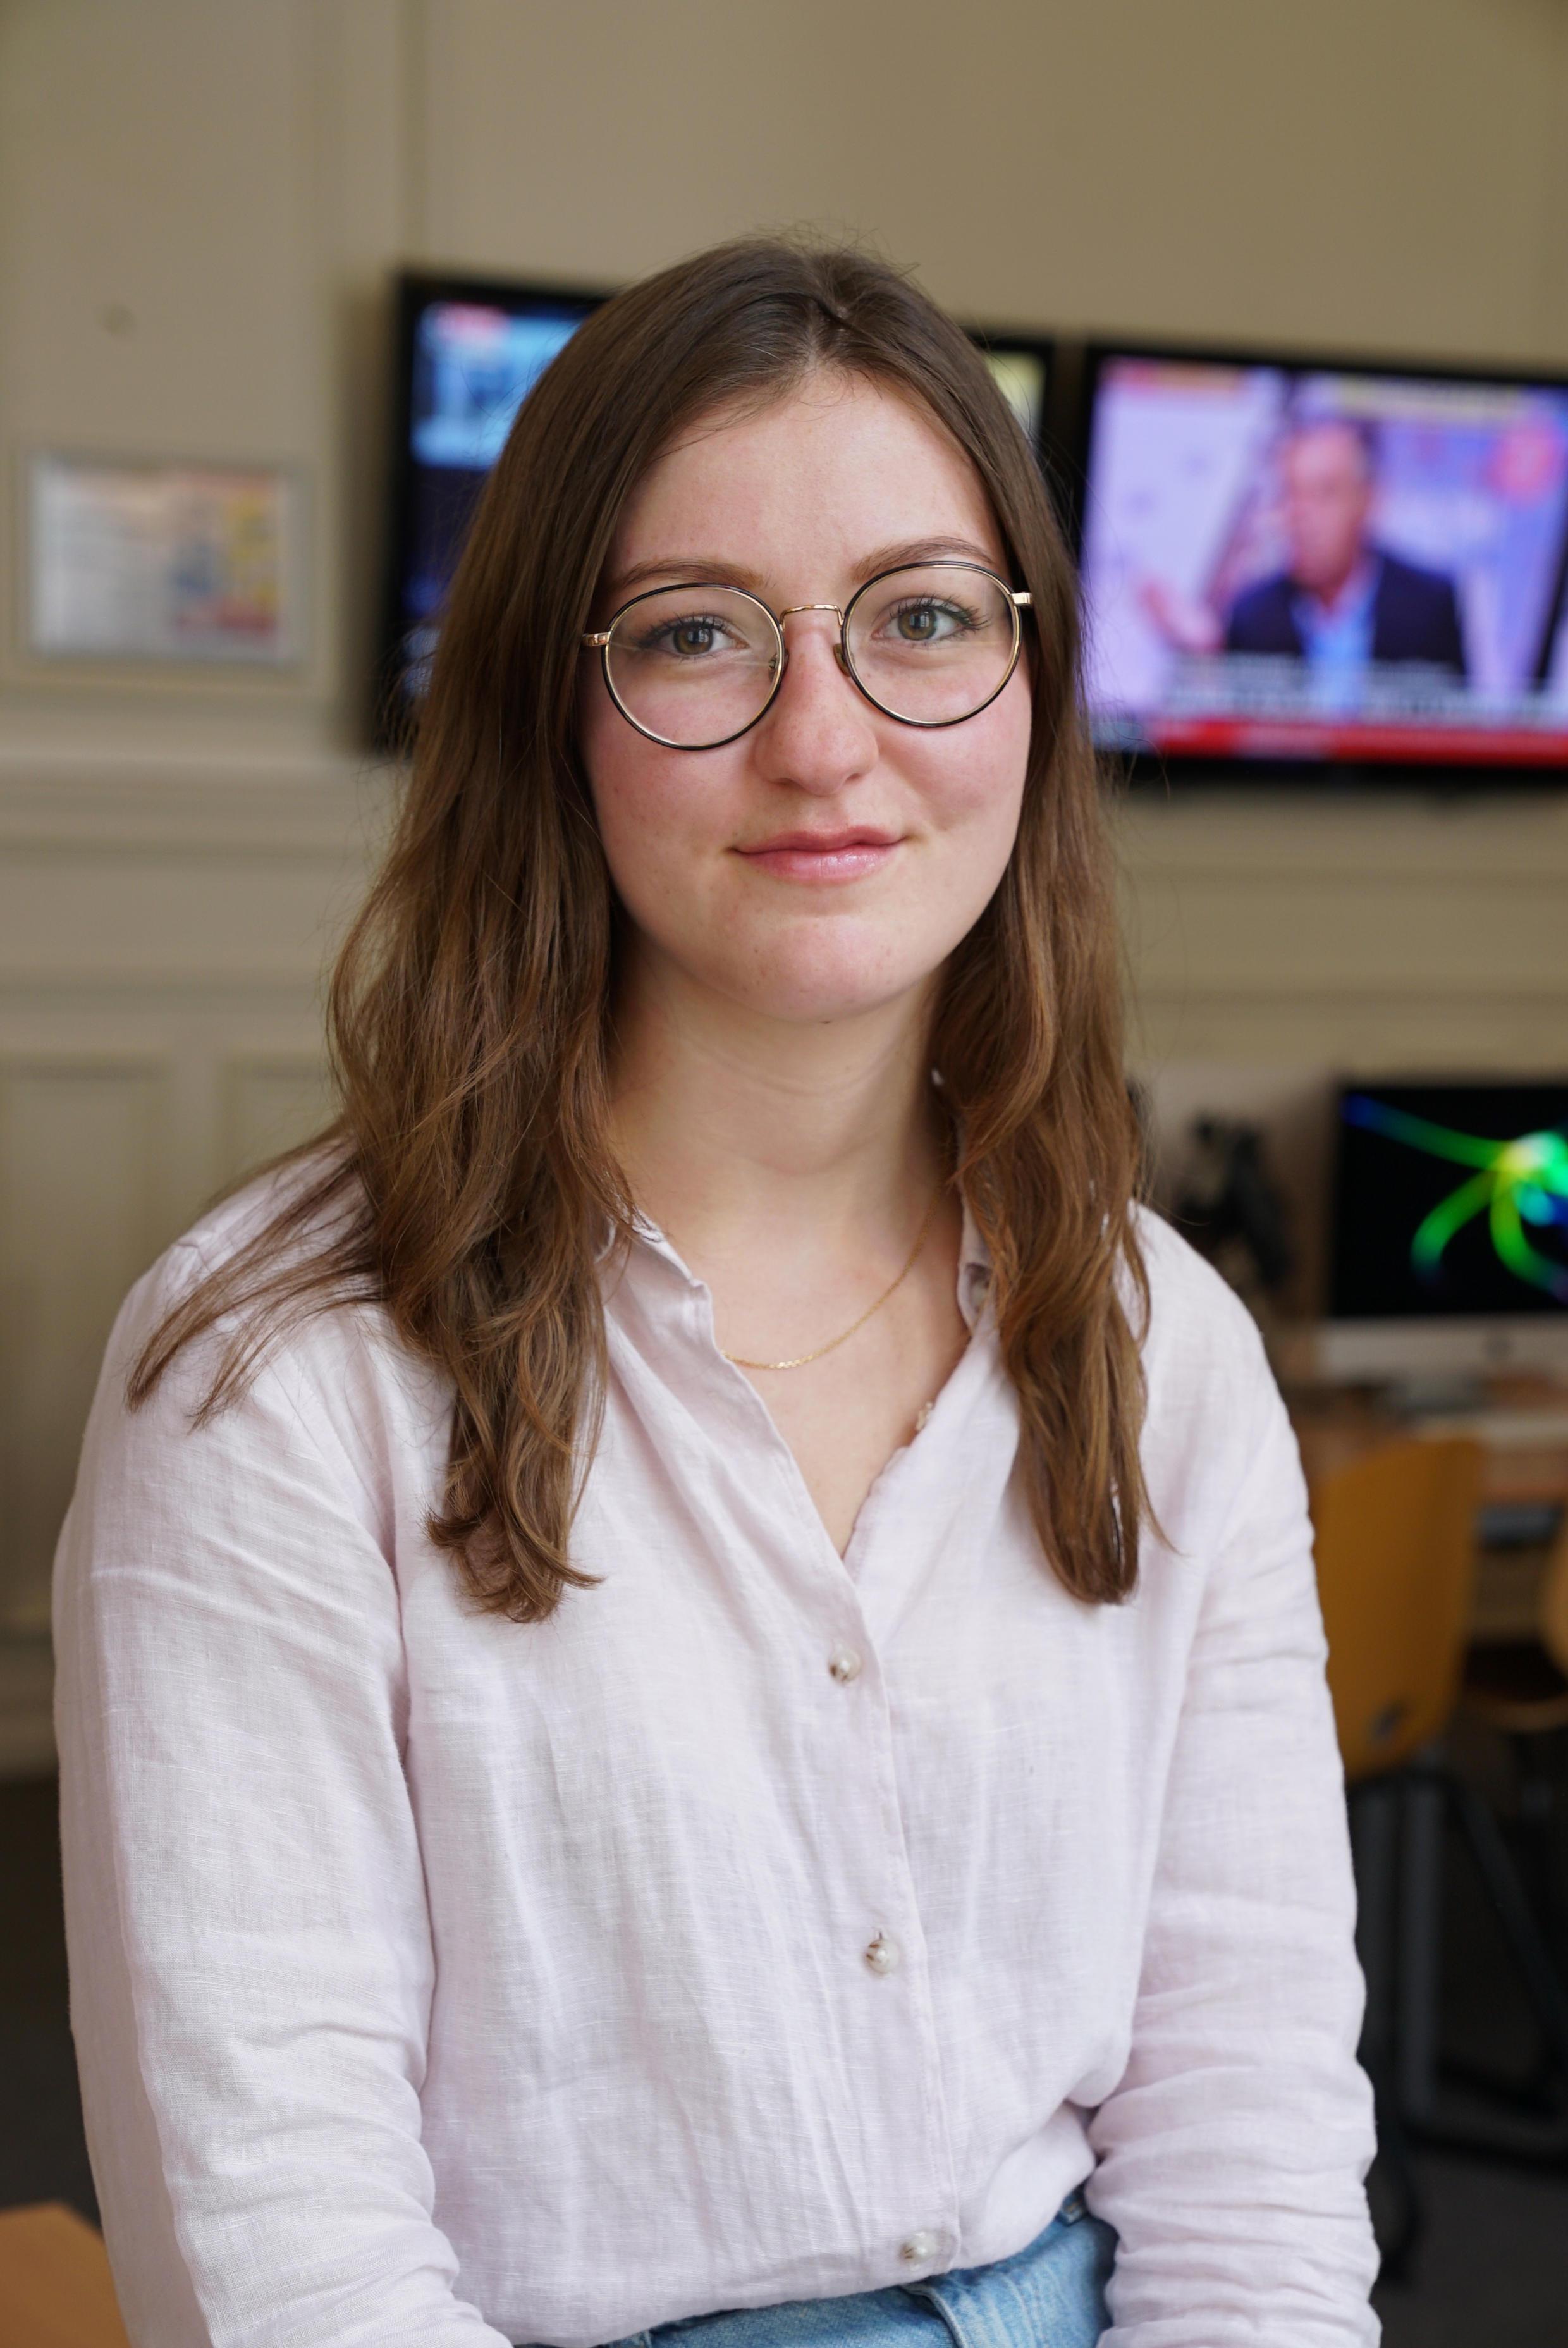 Julia Galan